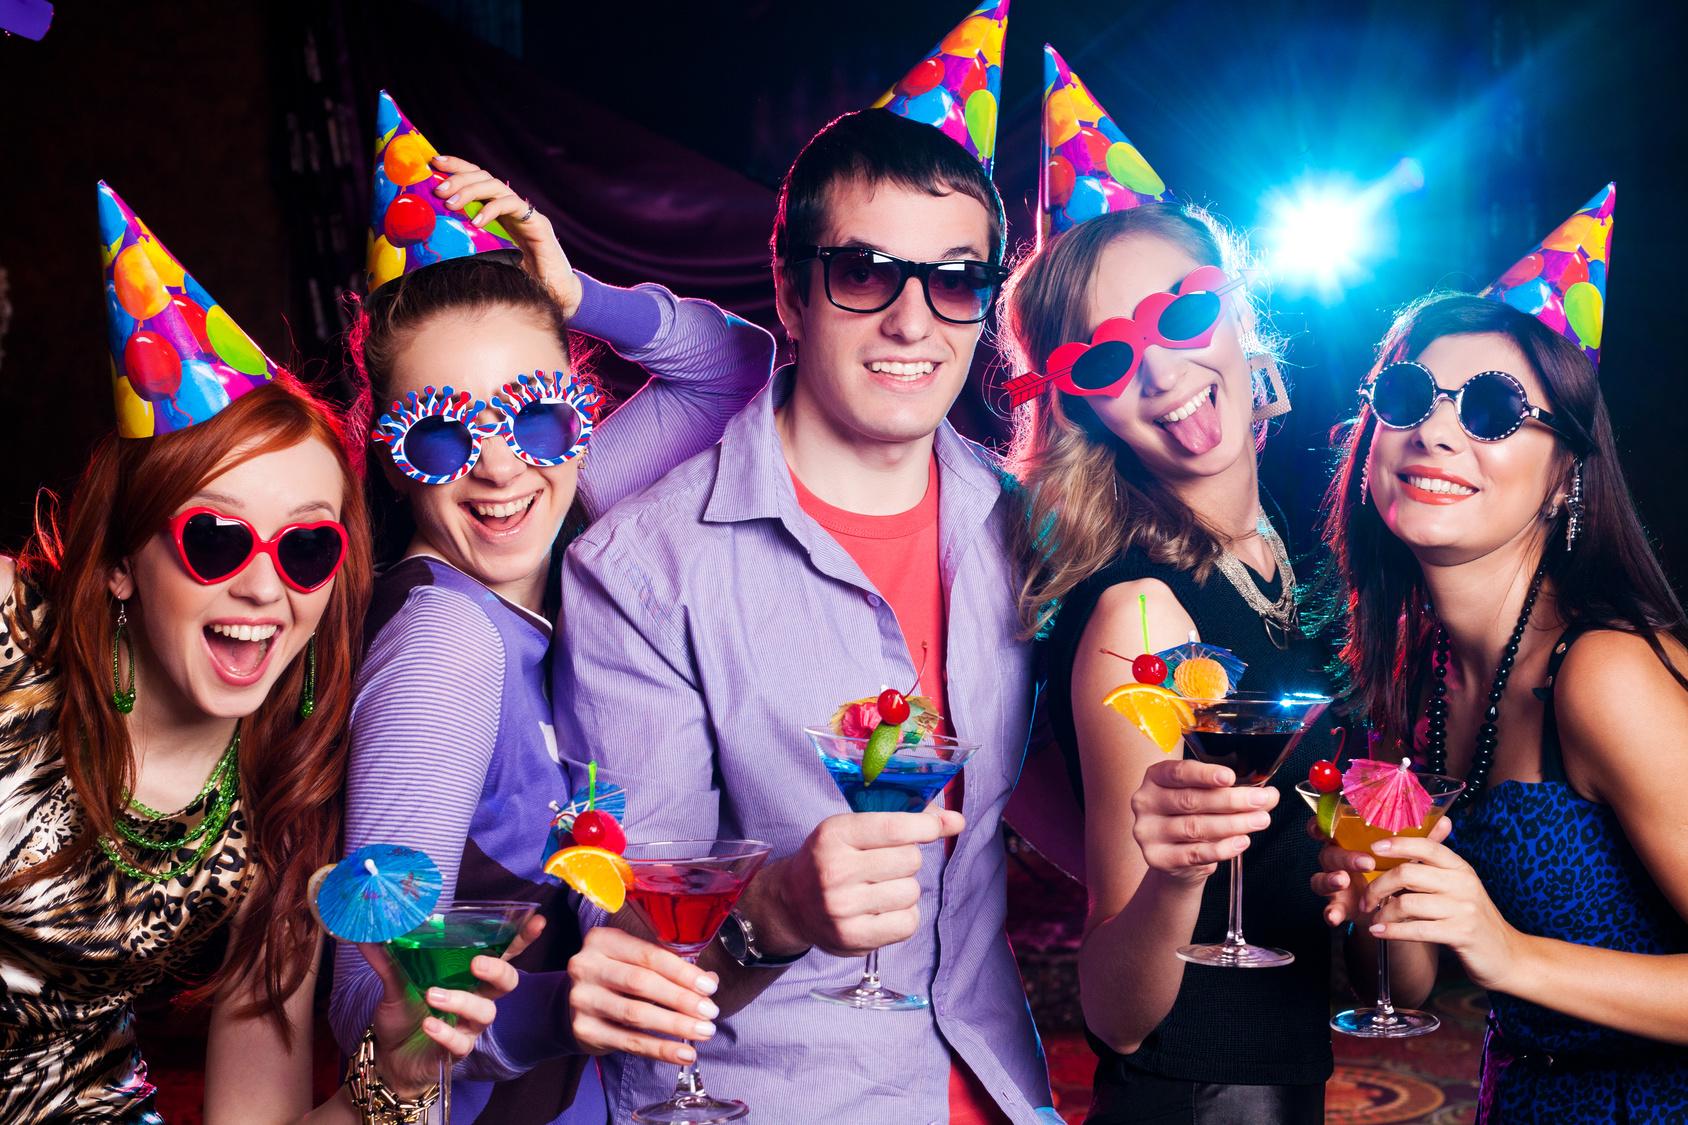 фото с вечеринок картинки комплекса асаны